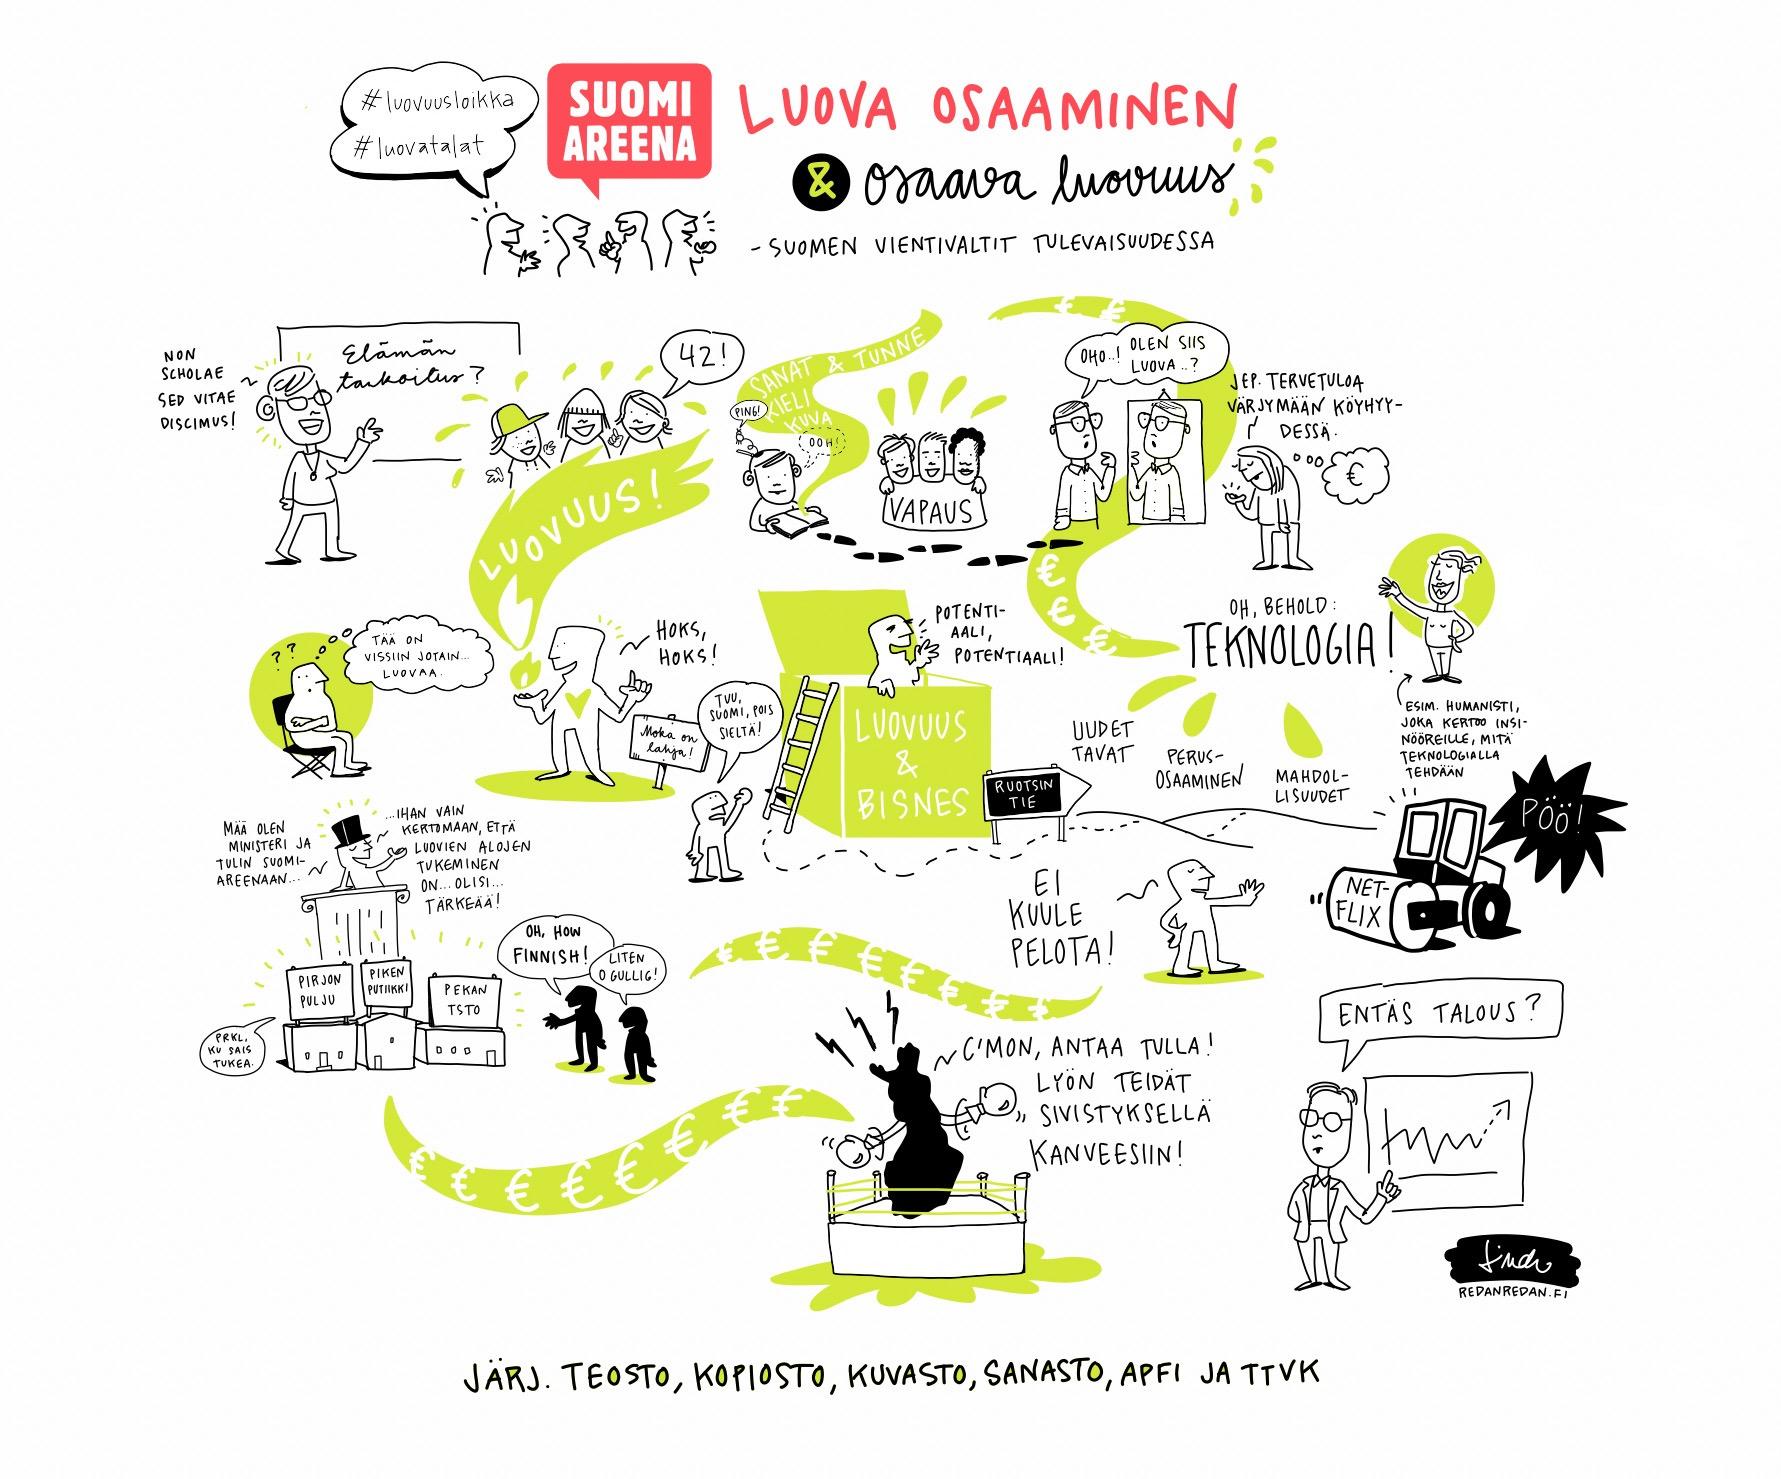 Livekuvittaja Linda Saukko-Rauta kiteytti SuomiAreena-keskustelun teemoja kuvaksi.